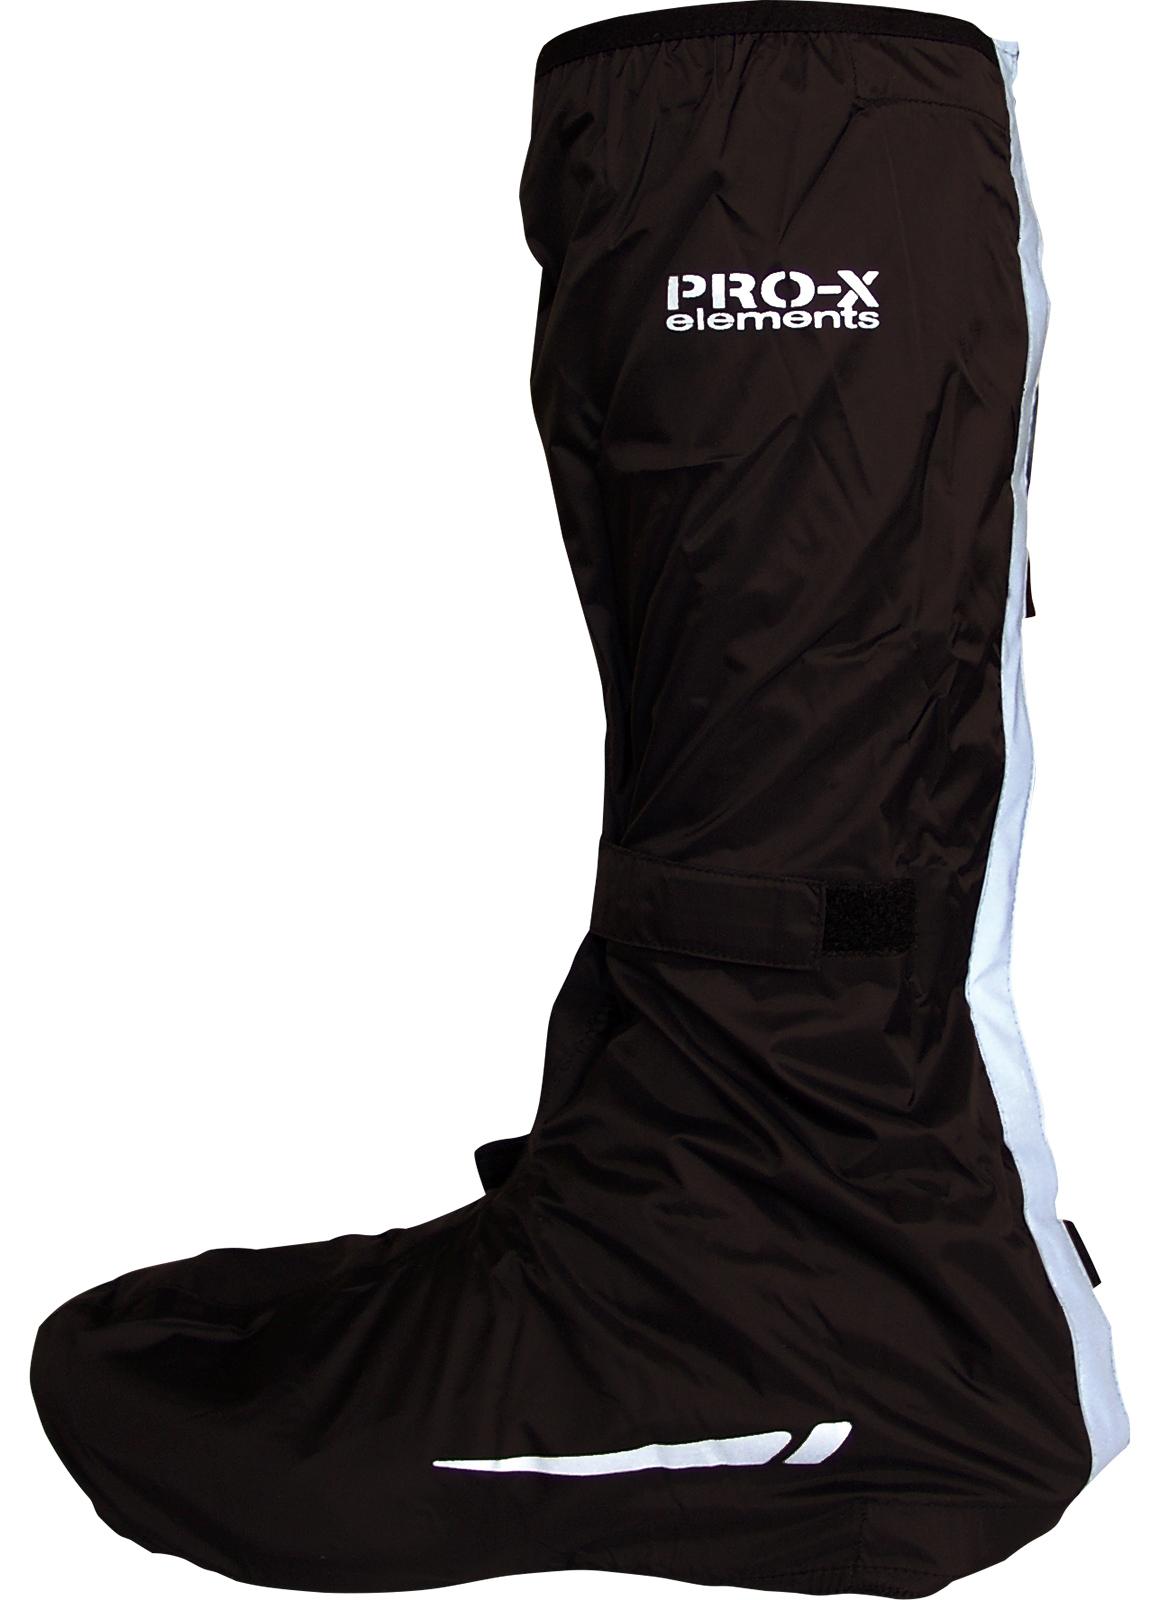 Pro-X-Elements Montebelluna Gamaschen Kurze Fahrrad Regengamaschen